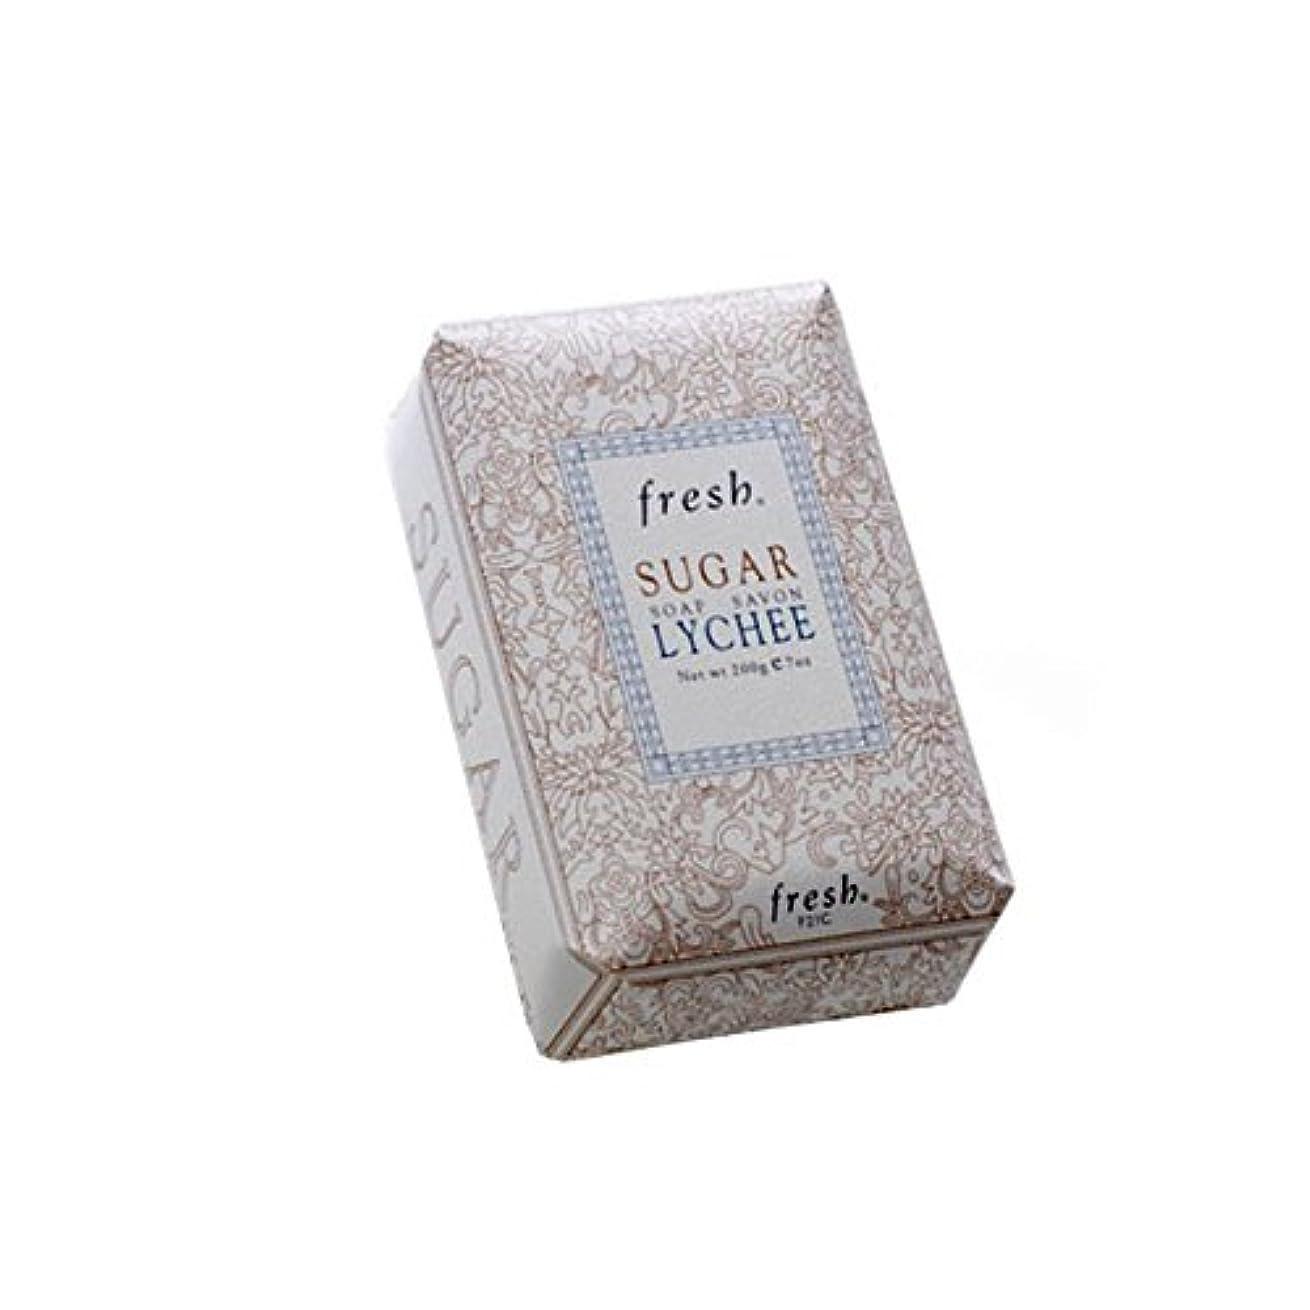 ギャラントリー提出するわかりやすいFresh フレッシュ シュガーライチ石鹸 Sugar Lychee Soap, 200g/7oz [海外直送品] [並行輸入品]